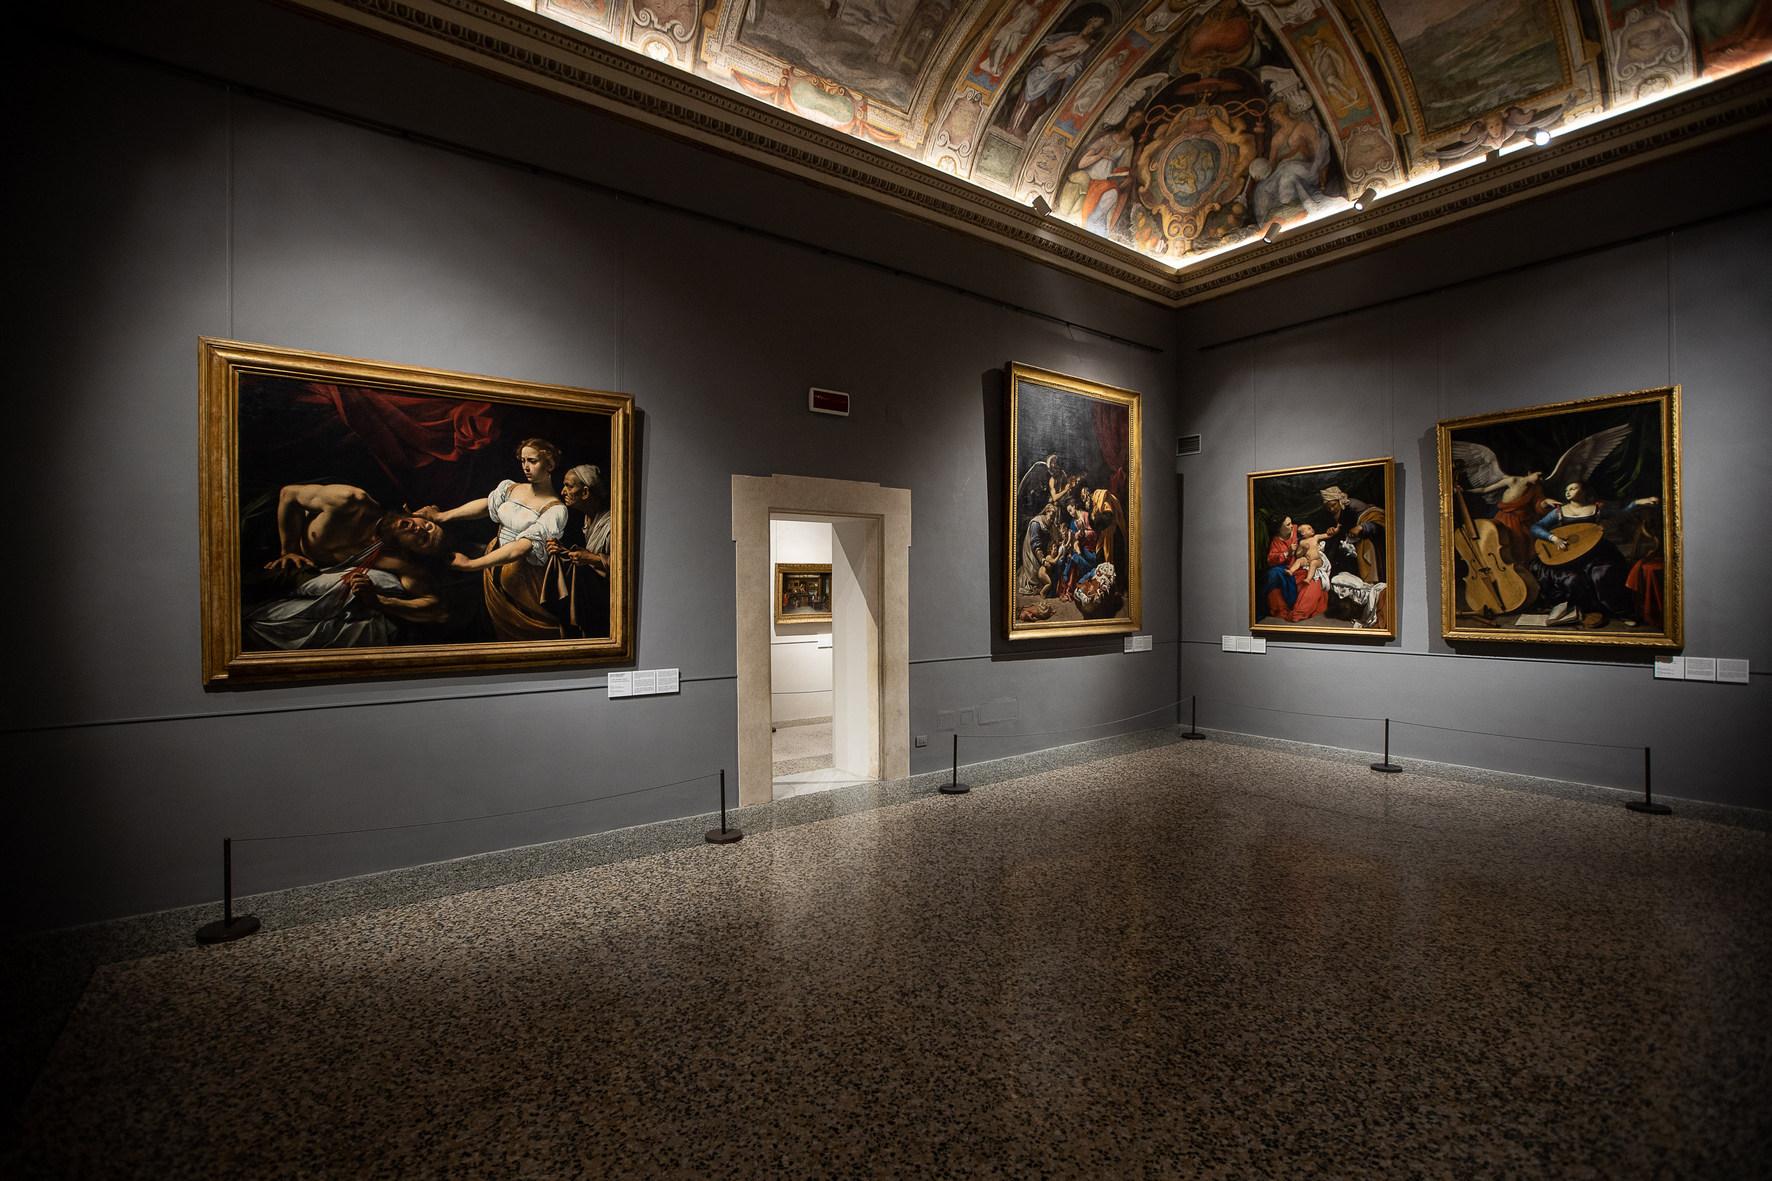 Gallerie Nazionali Arte Antica, Palazzo Barberini, Sala Caravaggio, Foto Alberto Novelli